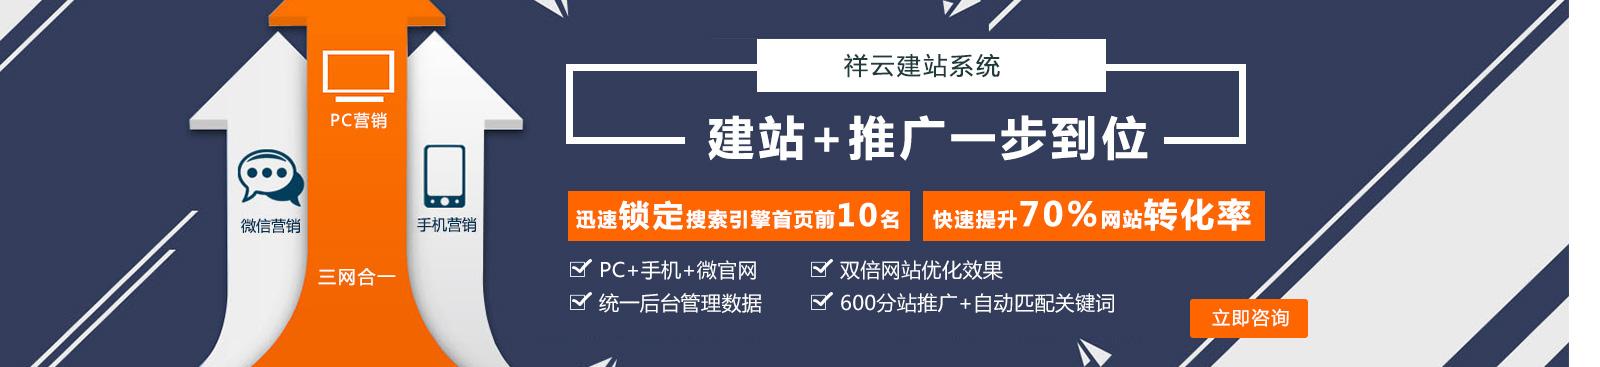 石家庄网络推广公司